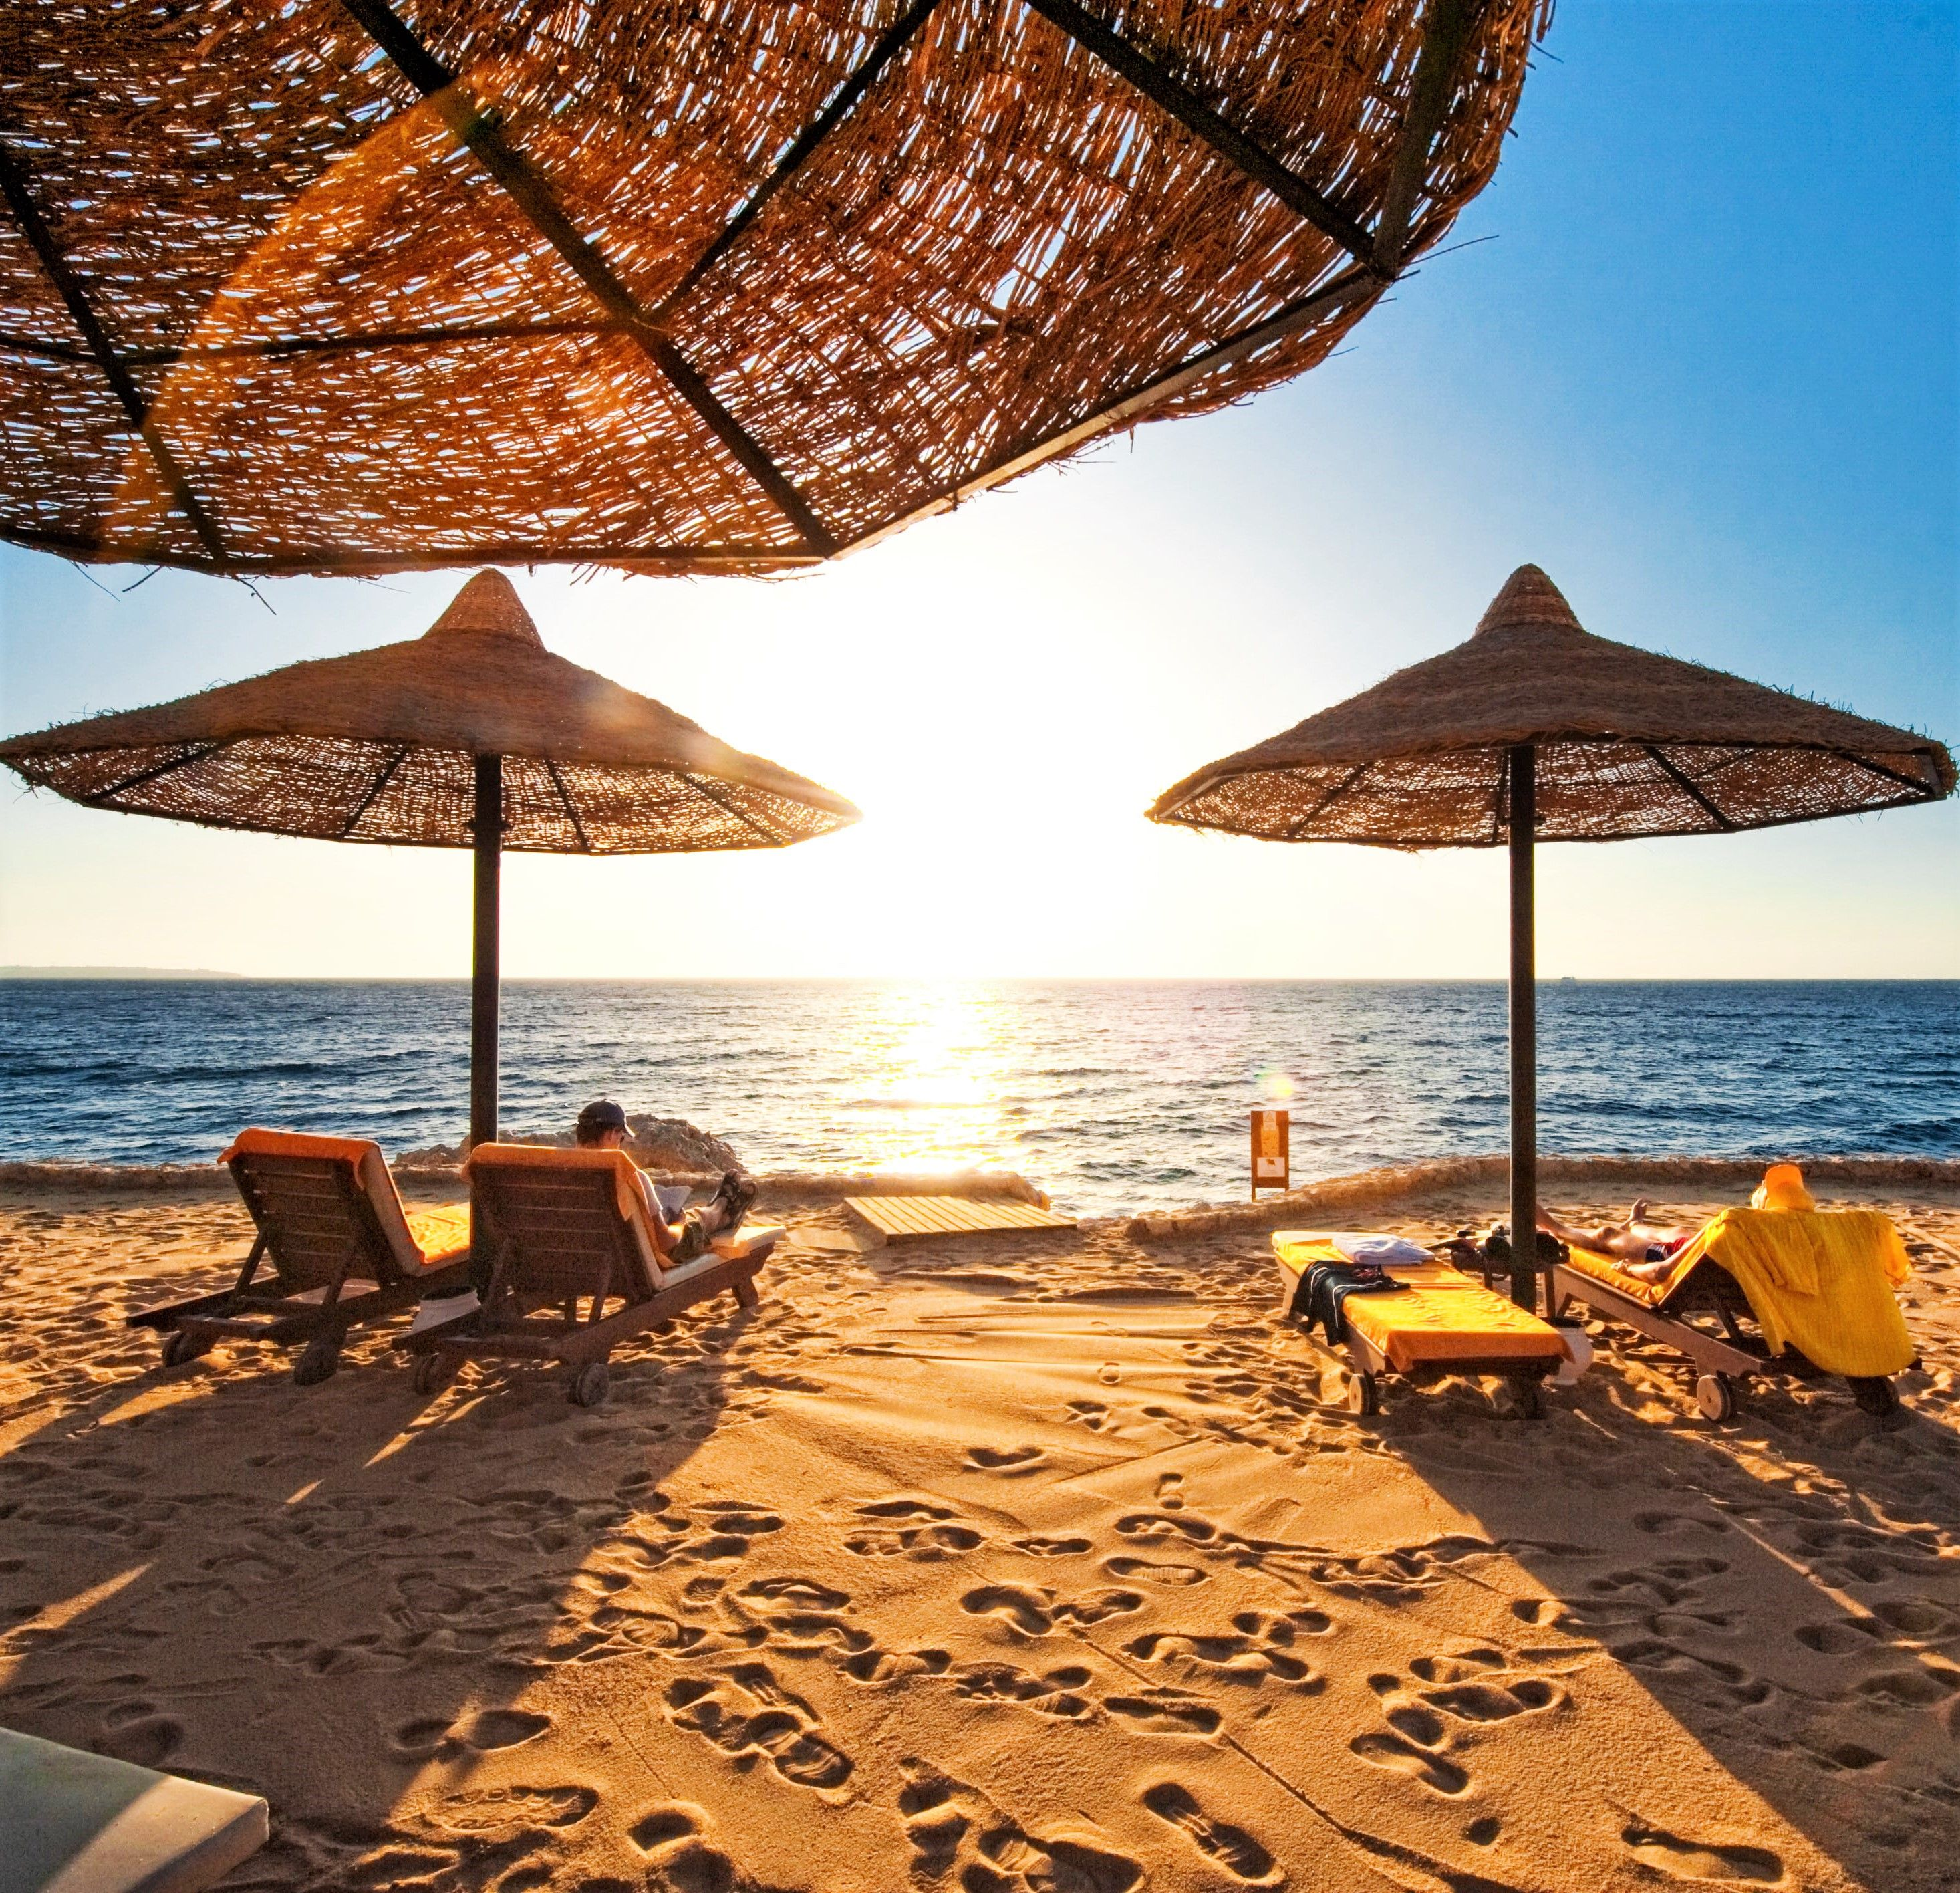 The Grand Hotel Sharm El Sheikh Luxus Entspannen Ruhe Und Sonne Sonne Agypten Mein Urlaub Strand Ausblick Kulinarik Son Agypten Hurghada Rotes Meer